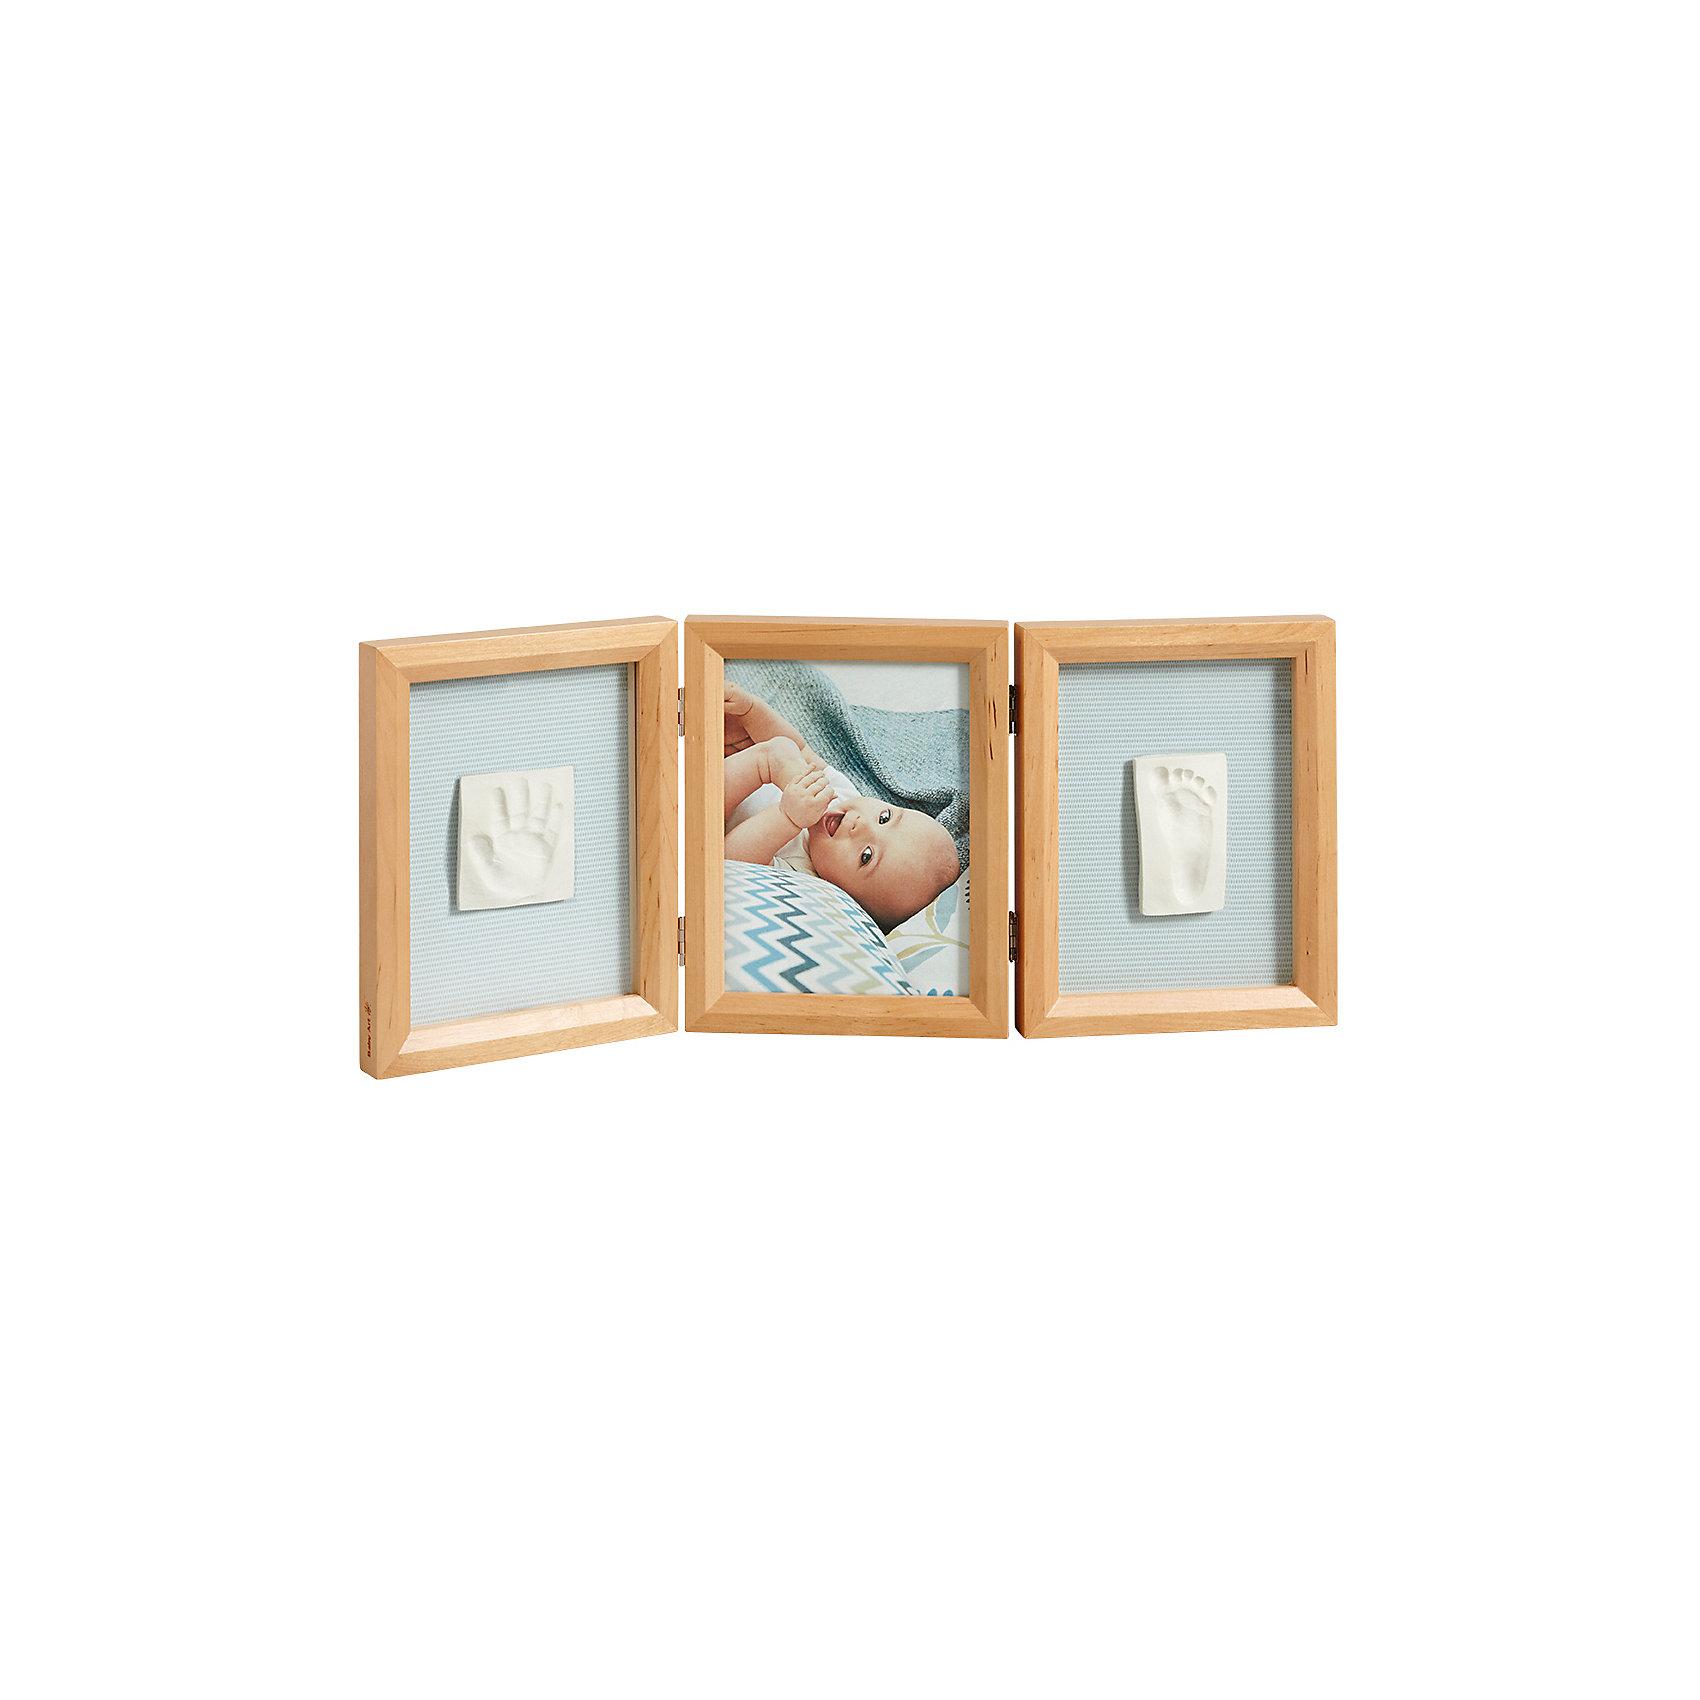 Фоторамка тройная, Baby Art, деревоСохранить отпечаток ручки или ножки малыша поможет гипсовая скульптура Baby Art (Бейби Арт), которую вы создадите вместе с малышом в самом юном его возрасте. Гипсовый отпечаток помещается в рамочку, внизу ставится подпись, а рядом также в рамочке ставится фотография крохи.<br> <br><br>Процесс создания слепка:<br>• материал надо размять руками и раскатать скалкой;<br>• оставить отпечаток ручки и ножки малыша;<br>• обрезать лишние края основы (желательно выравнивать края под линейку, сделать 4 среза);<br>• оставить гипс сохнуть;<br>• приклеить слепок в окошко рамки;<br>• поместить фотографию ребенка в соседнее окошко.<br>Размер одной створки: 21x16,5x1,7 см<br>Комплектация набора «Double Print Frame»:<br>• тройная фоторамка;<br>• гипсовый слепок;<br>• скалка;<br>• двусторонняя клейкая лента;<br>• наклейки: карточки для подписи, птички;<br>• инструкция. <br>Фоторамку тройную, Baby Art, дерево можно купить в нашем интернет-магазине.<br><br>Ширина мм: 228<br>Глубина мм: 182<br>Высота мм: 101<br>Вес г: 1215<br>Возраст от месяцев: 0<br>Возраст до месяцев: 12<br>Пол: Унисекс<br>Возраст: Детский<br>SKU: 4353363